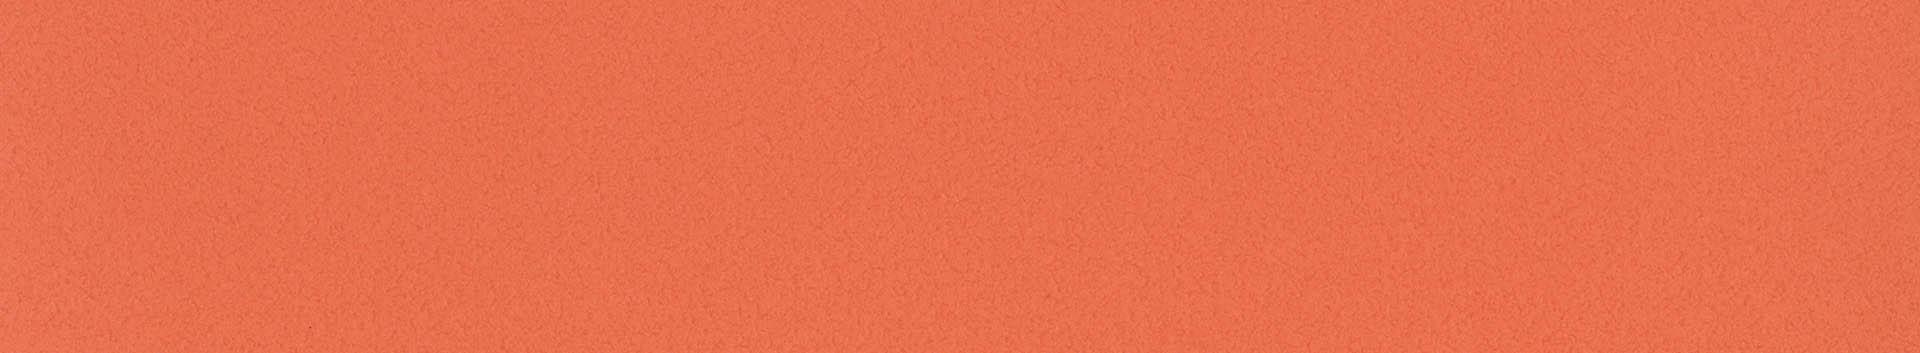 giocarteatro-arancio